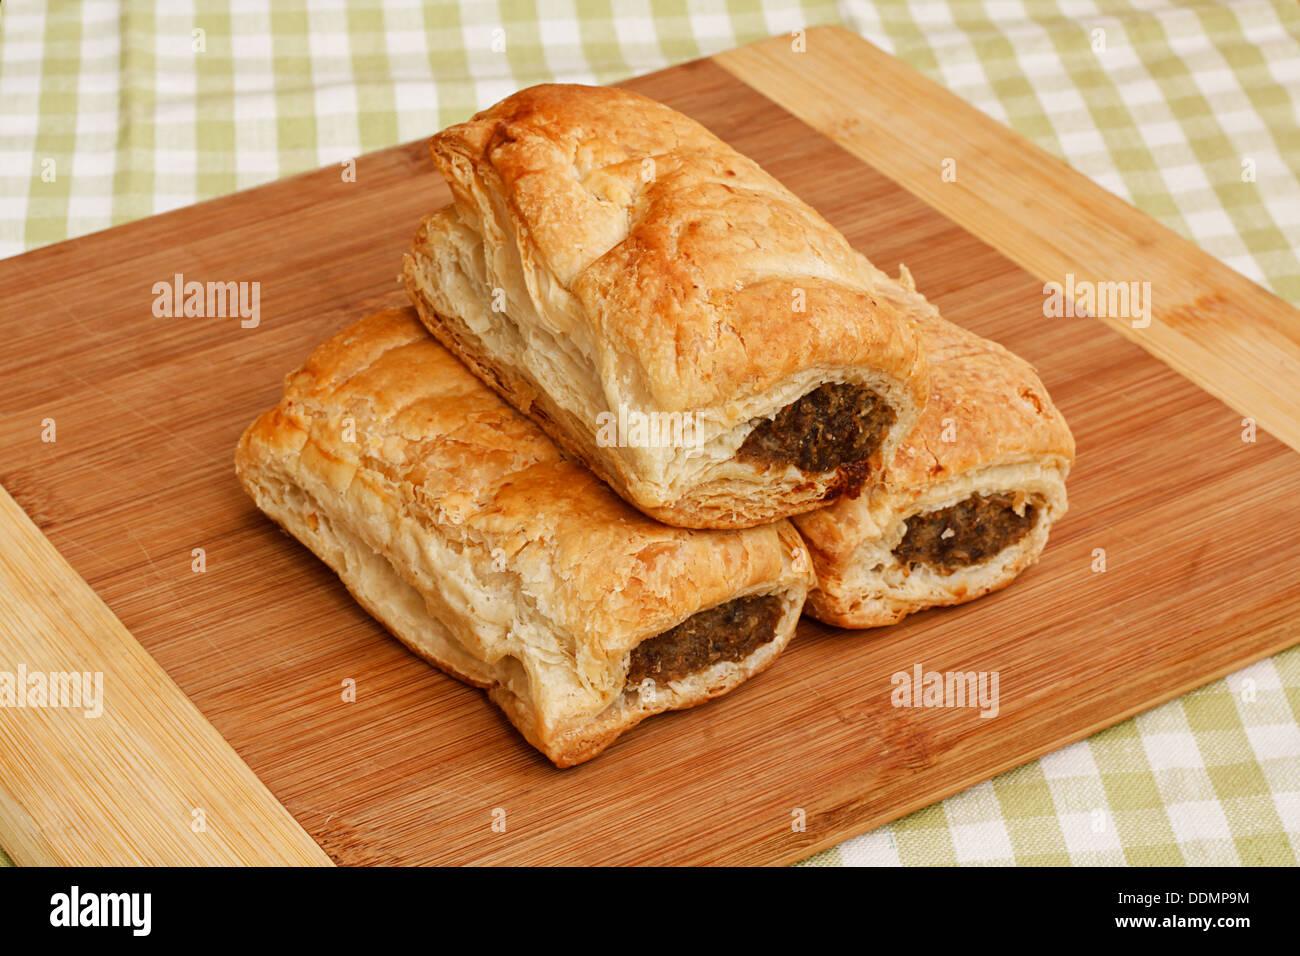 Tre salsiccia tradizionale rotoli su un rustico cafe impostazione tabella, una rinomata pasticceria snack disponibili dal british fornai Immagini Stock